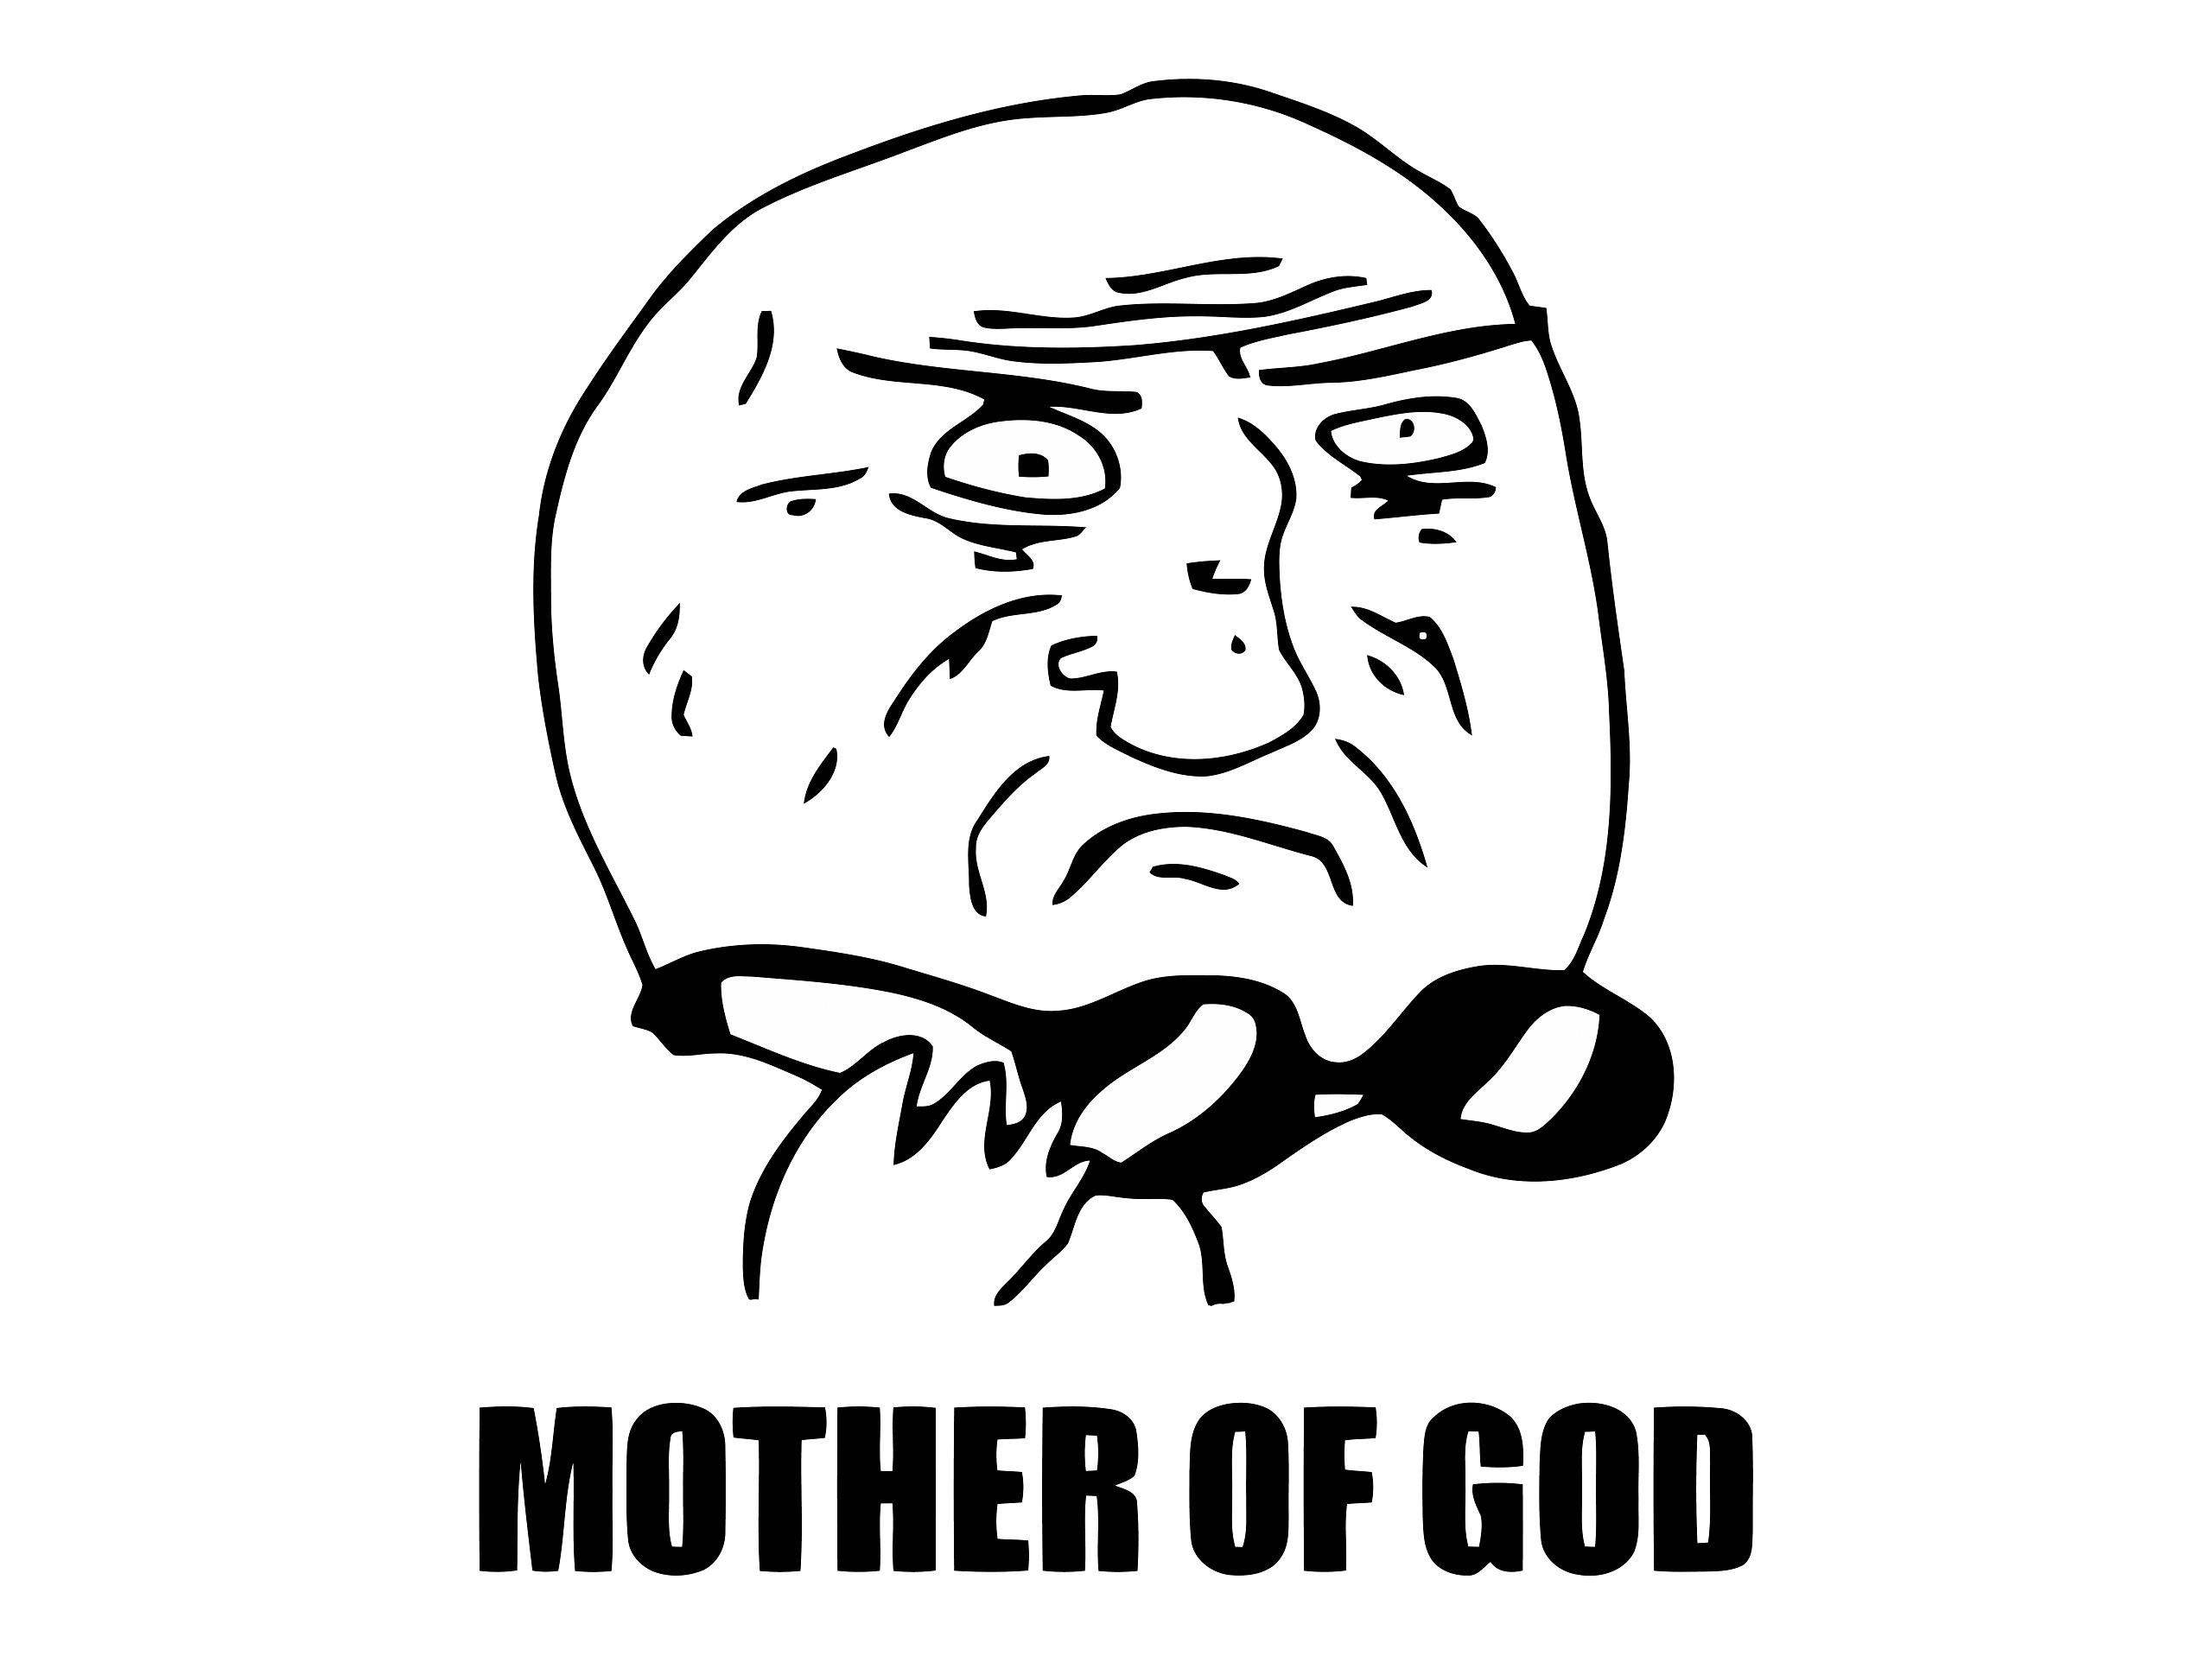 PNG Transparent Mother of God meme image